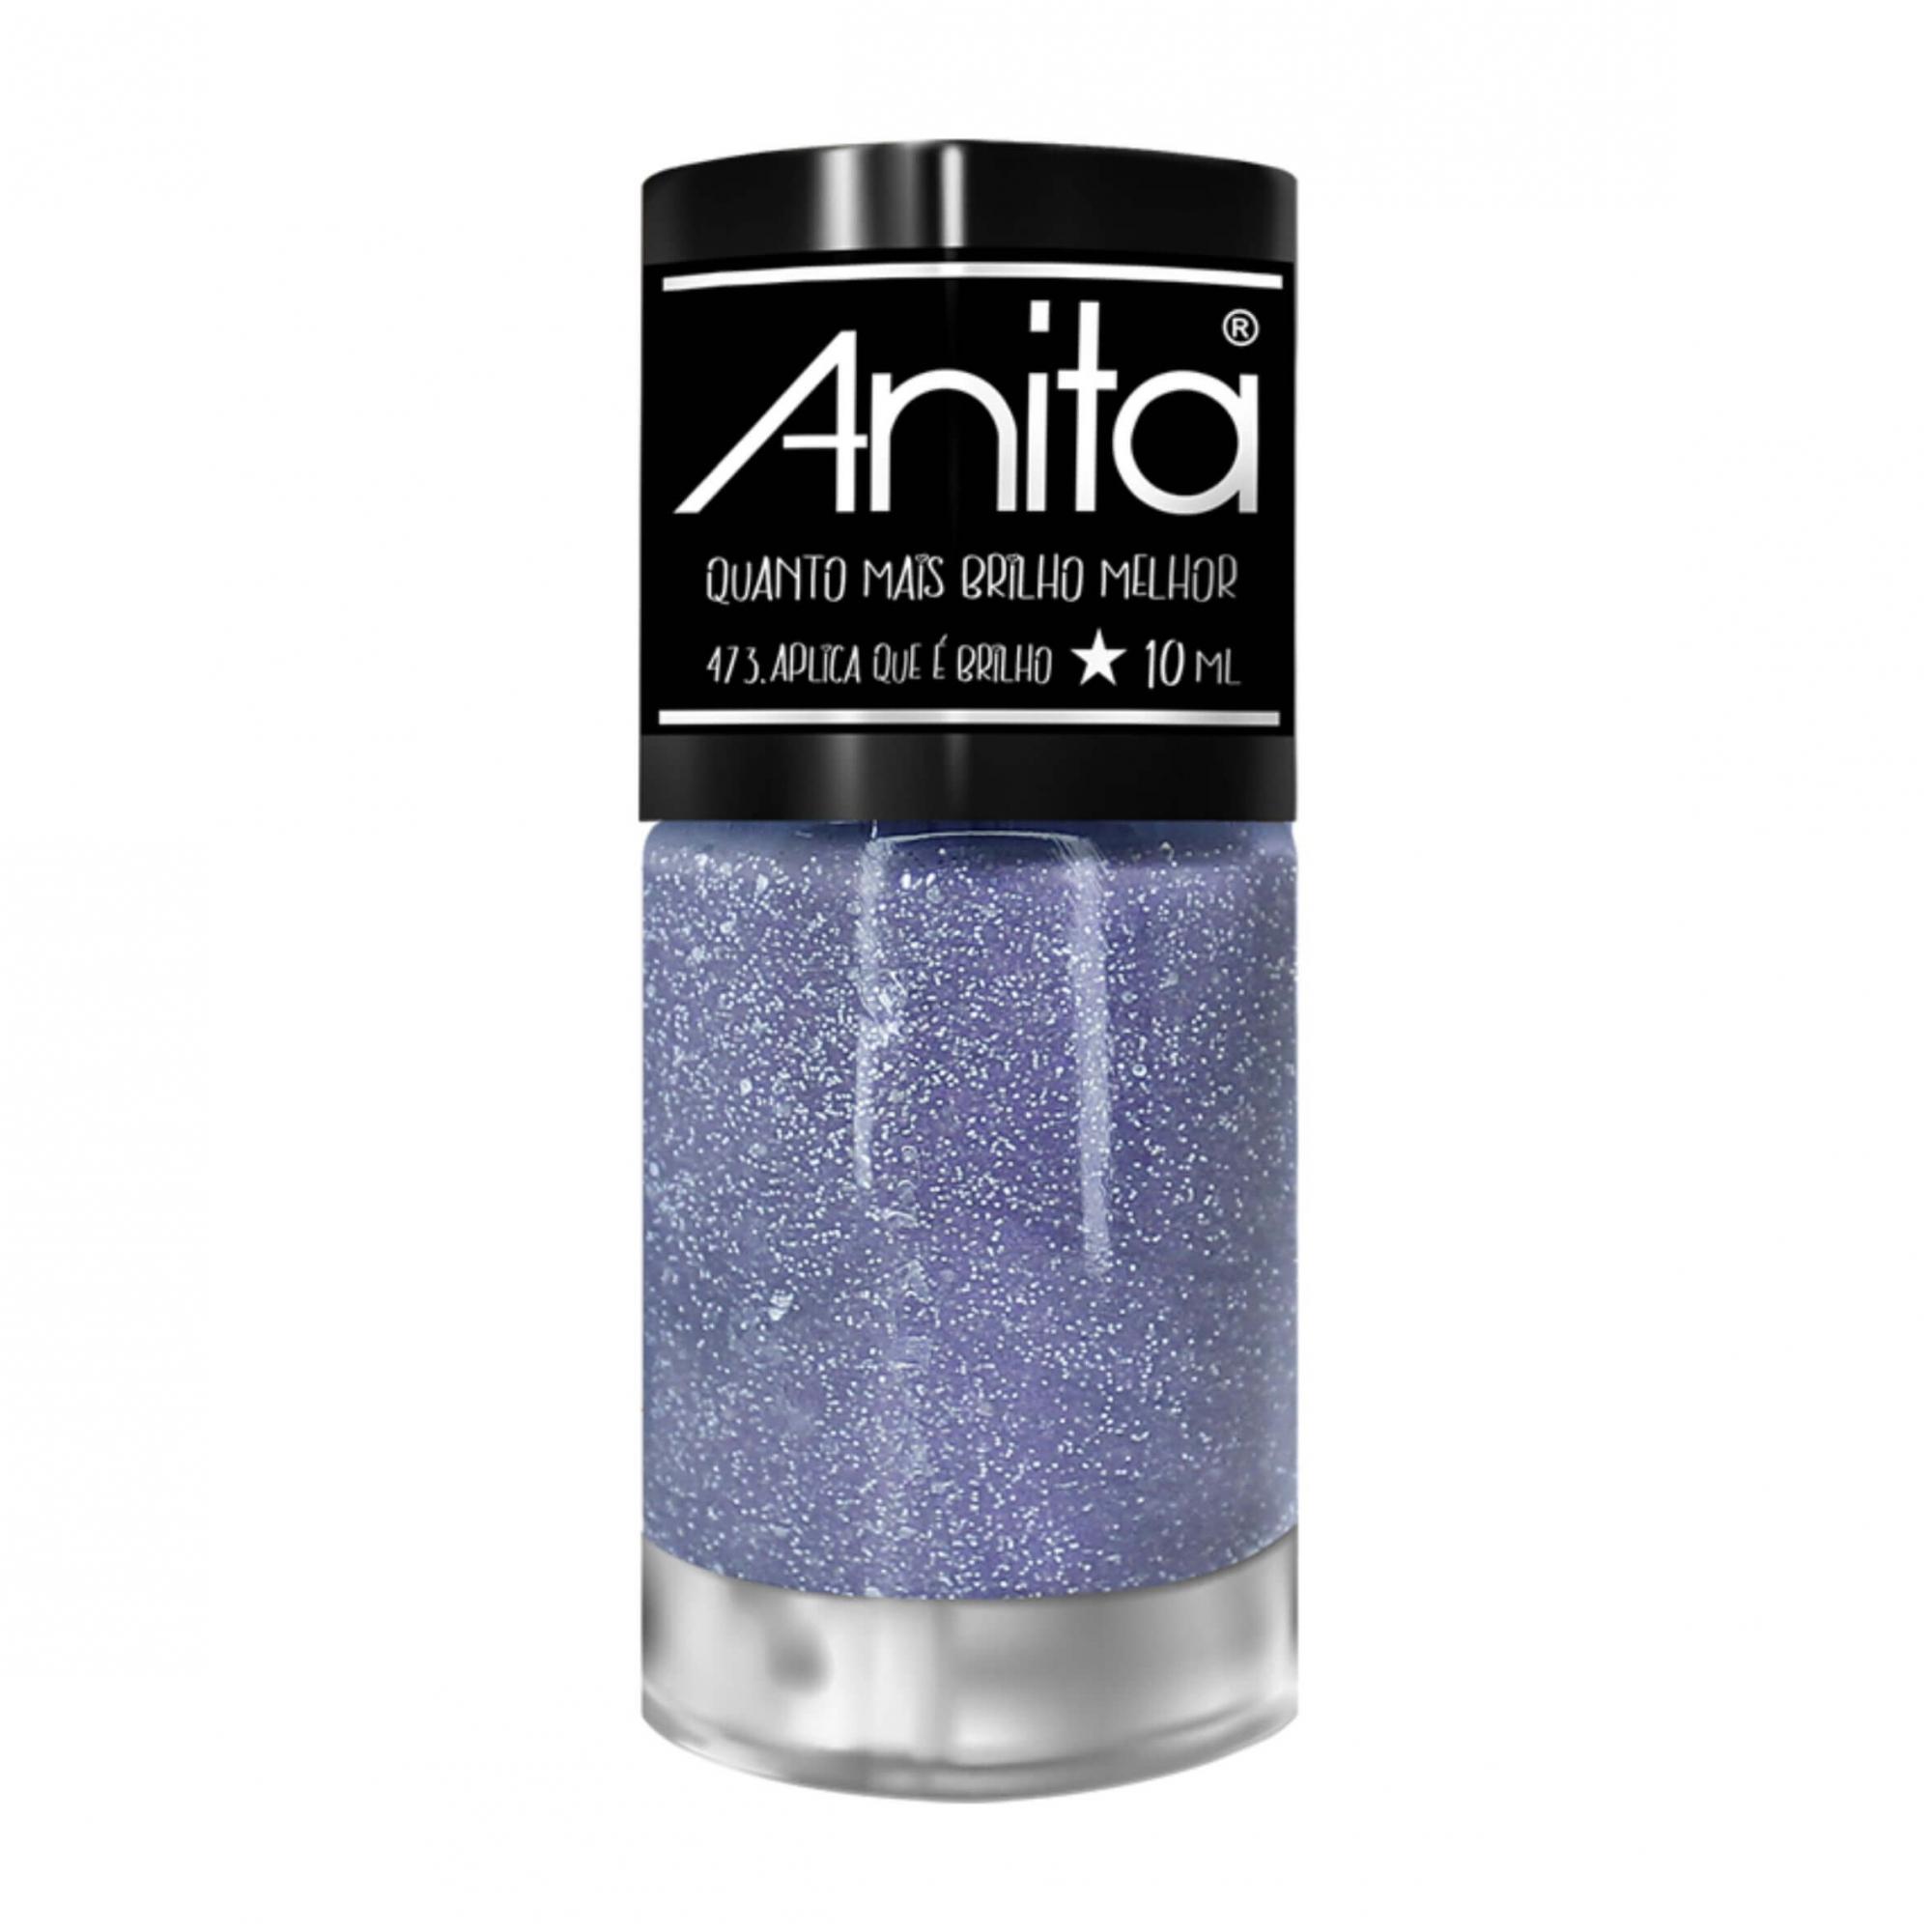 Esmalte Anita Quanto Mais Brilho Melhor - Aplica que é brilho 475